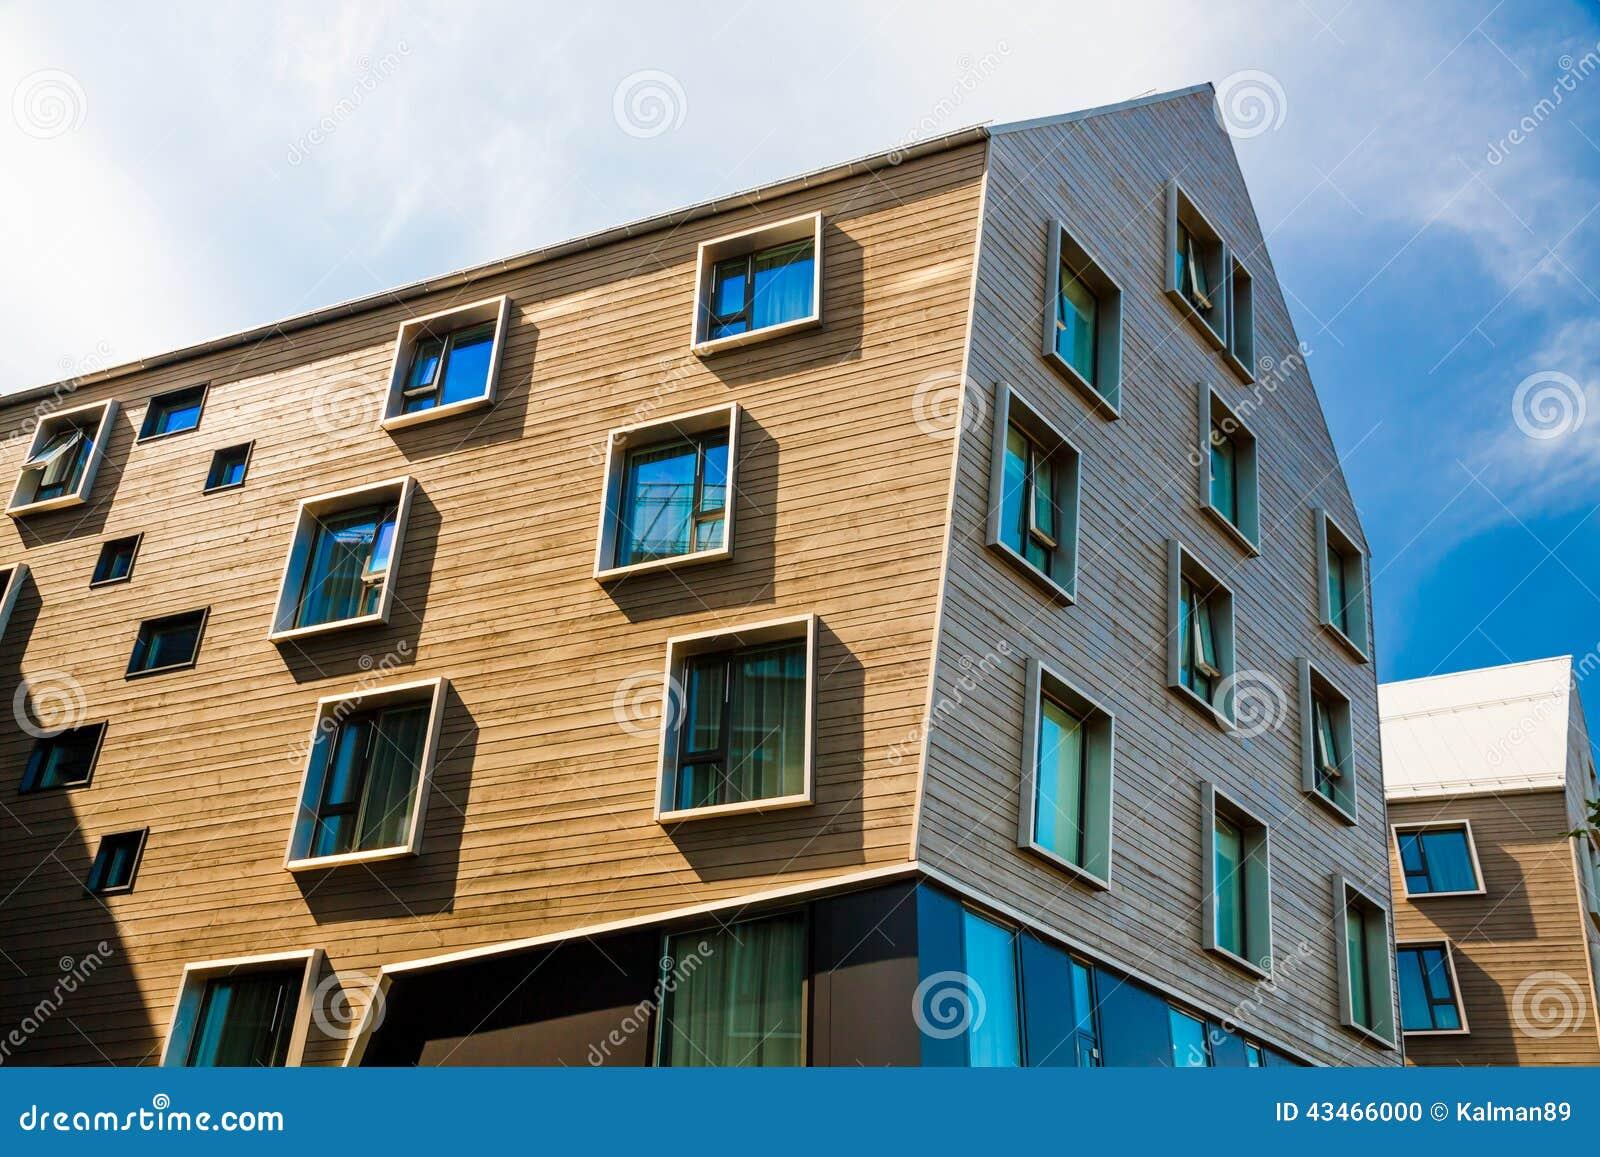 architettura moderna fotografia stock immagine 43466000